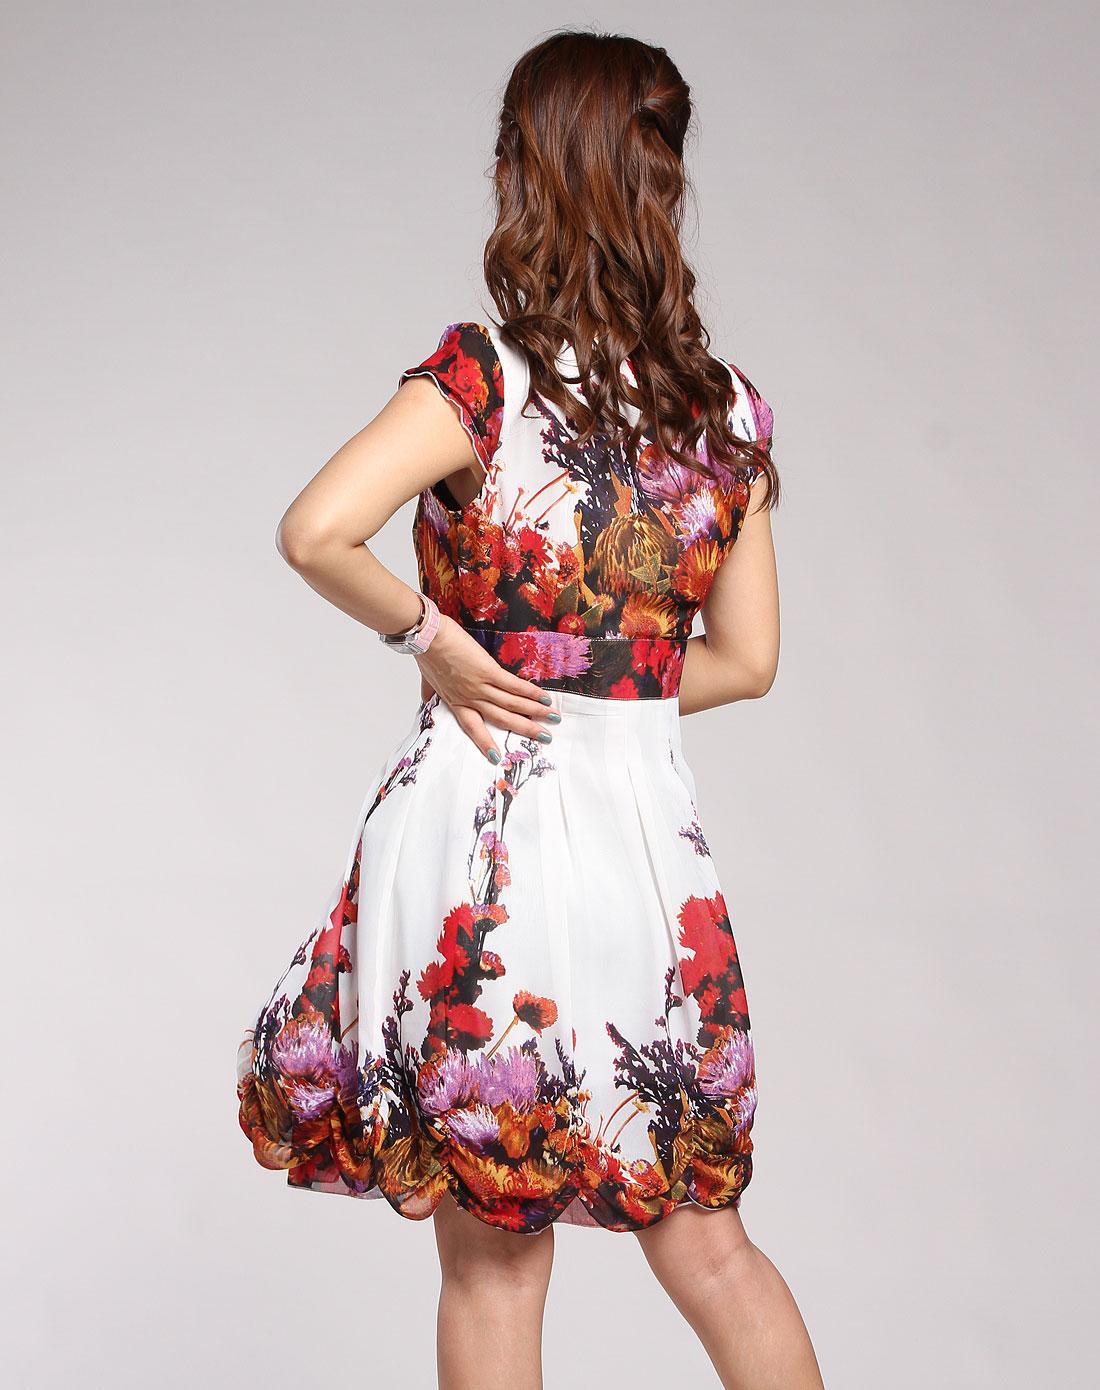 伊莎贝拉isbl紫色花纹简约短袖连衣裙